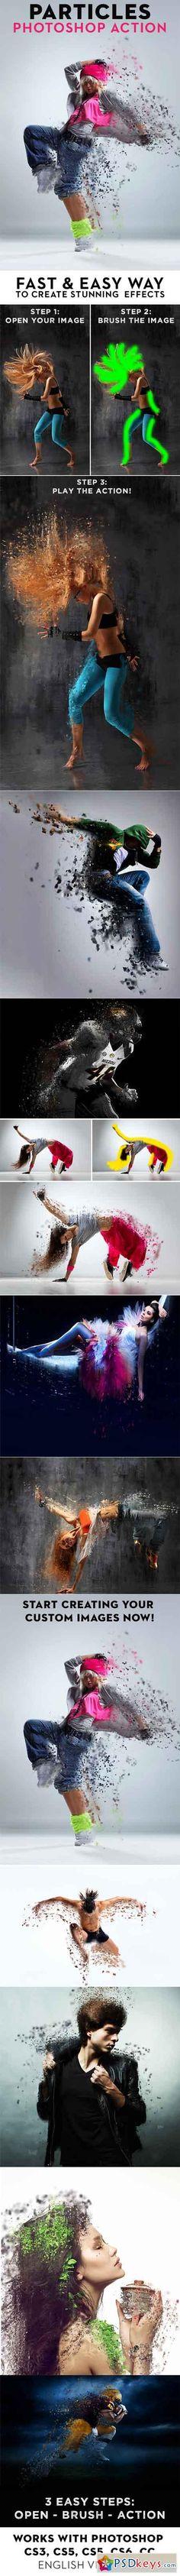 PARTICLES Photoshop Action 18069741